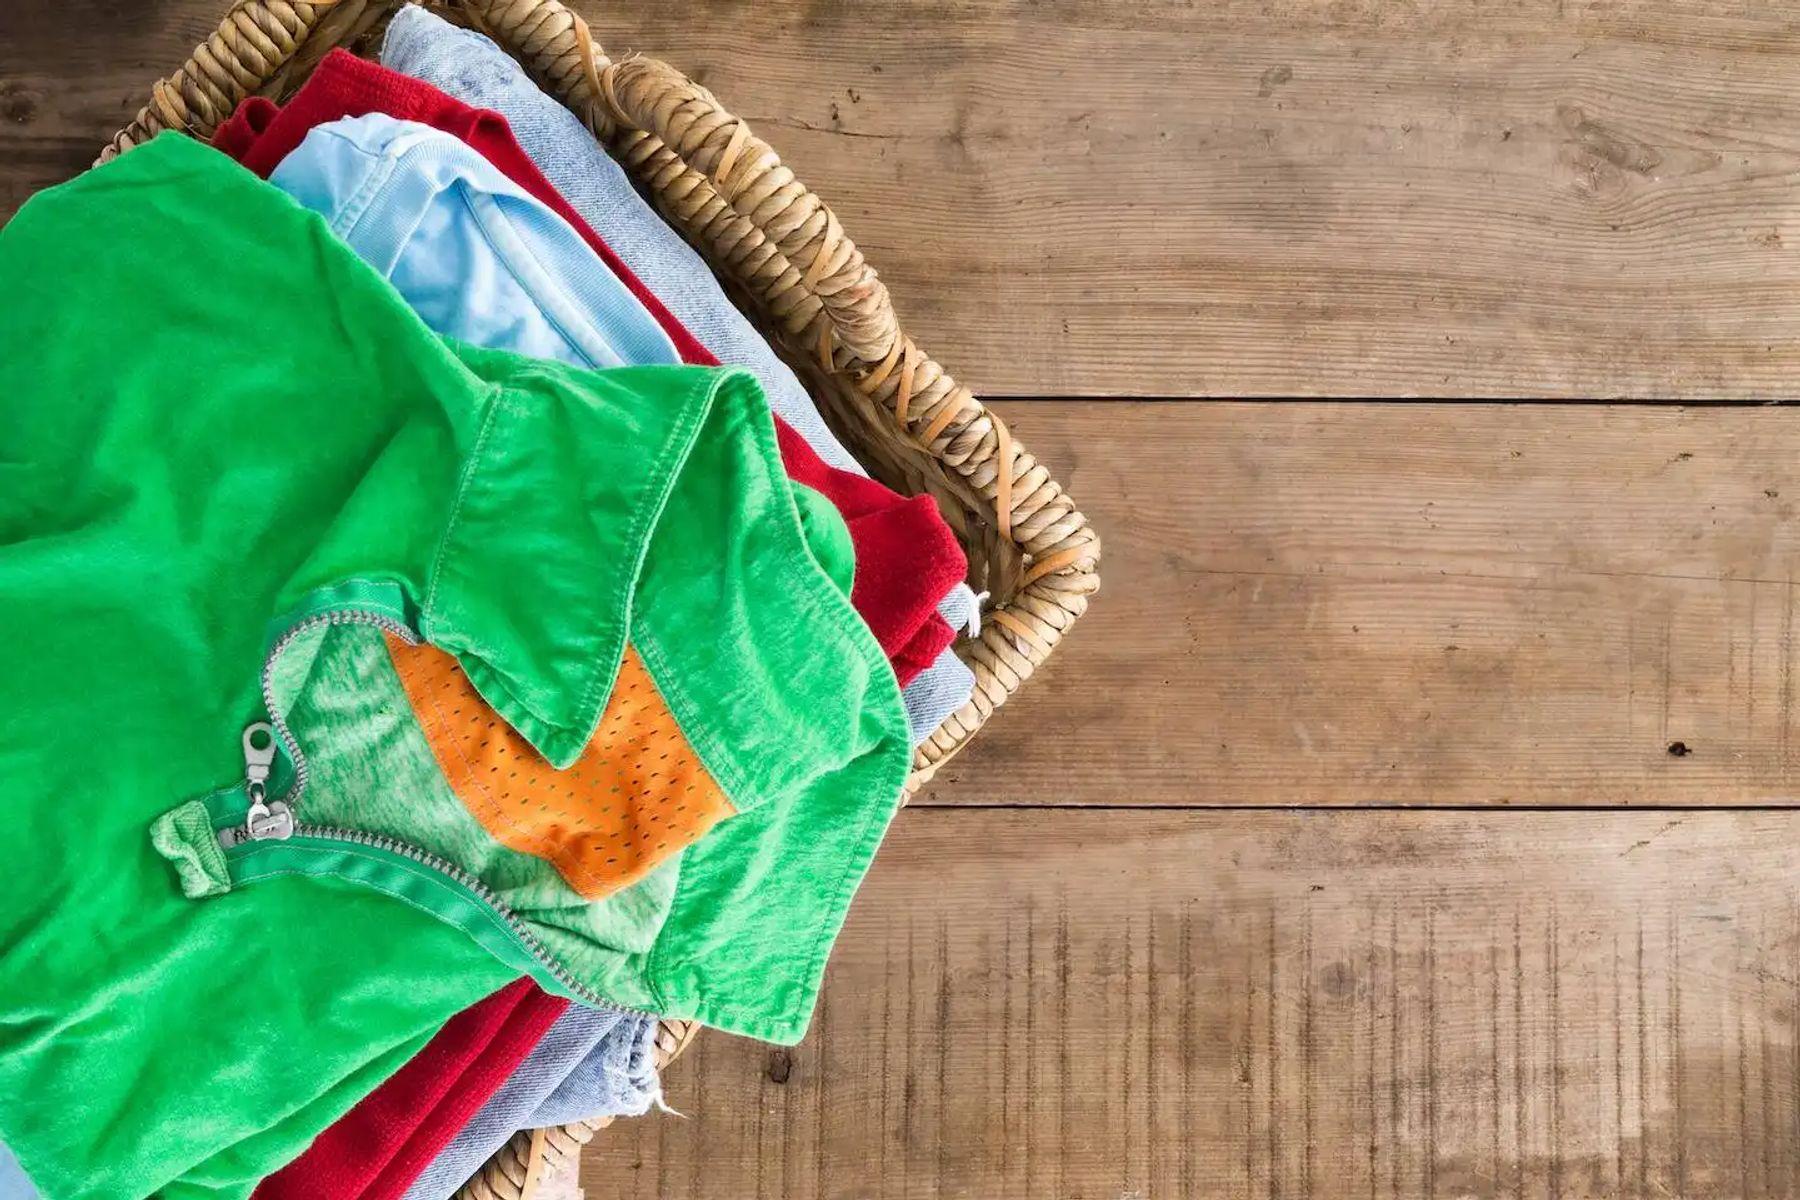 7 phương pháp làm mềm thơm quần áo vải cotton mới mua về